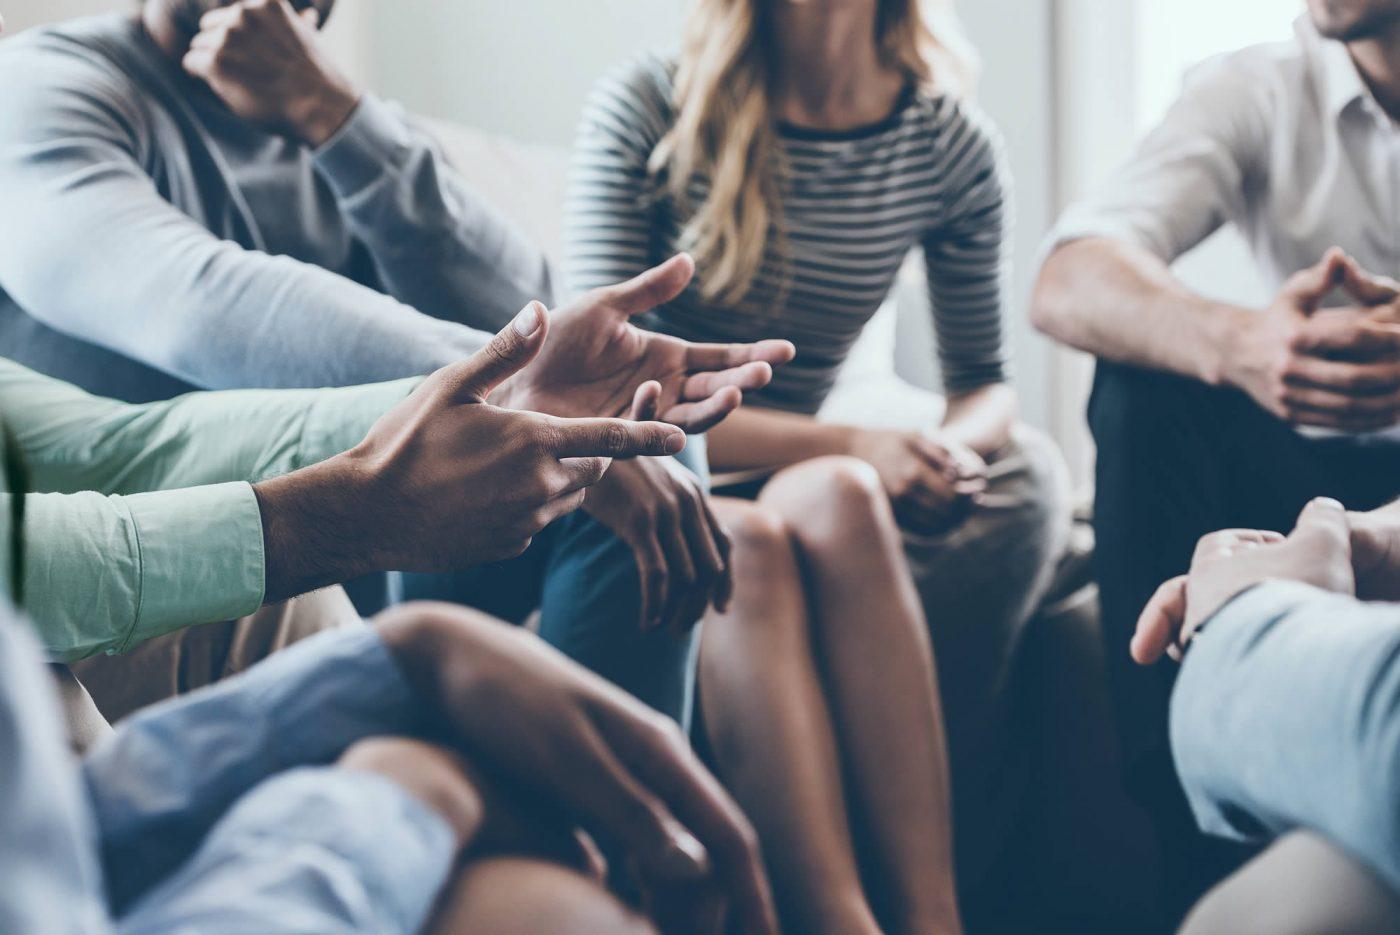 persoonlijke ontwikkeling, sterk team, vitaal team, moedige gesprek